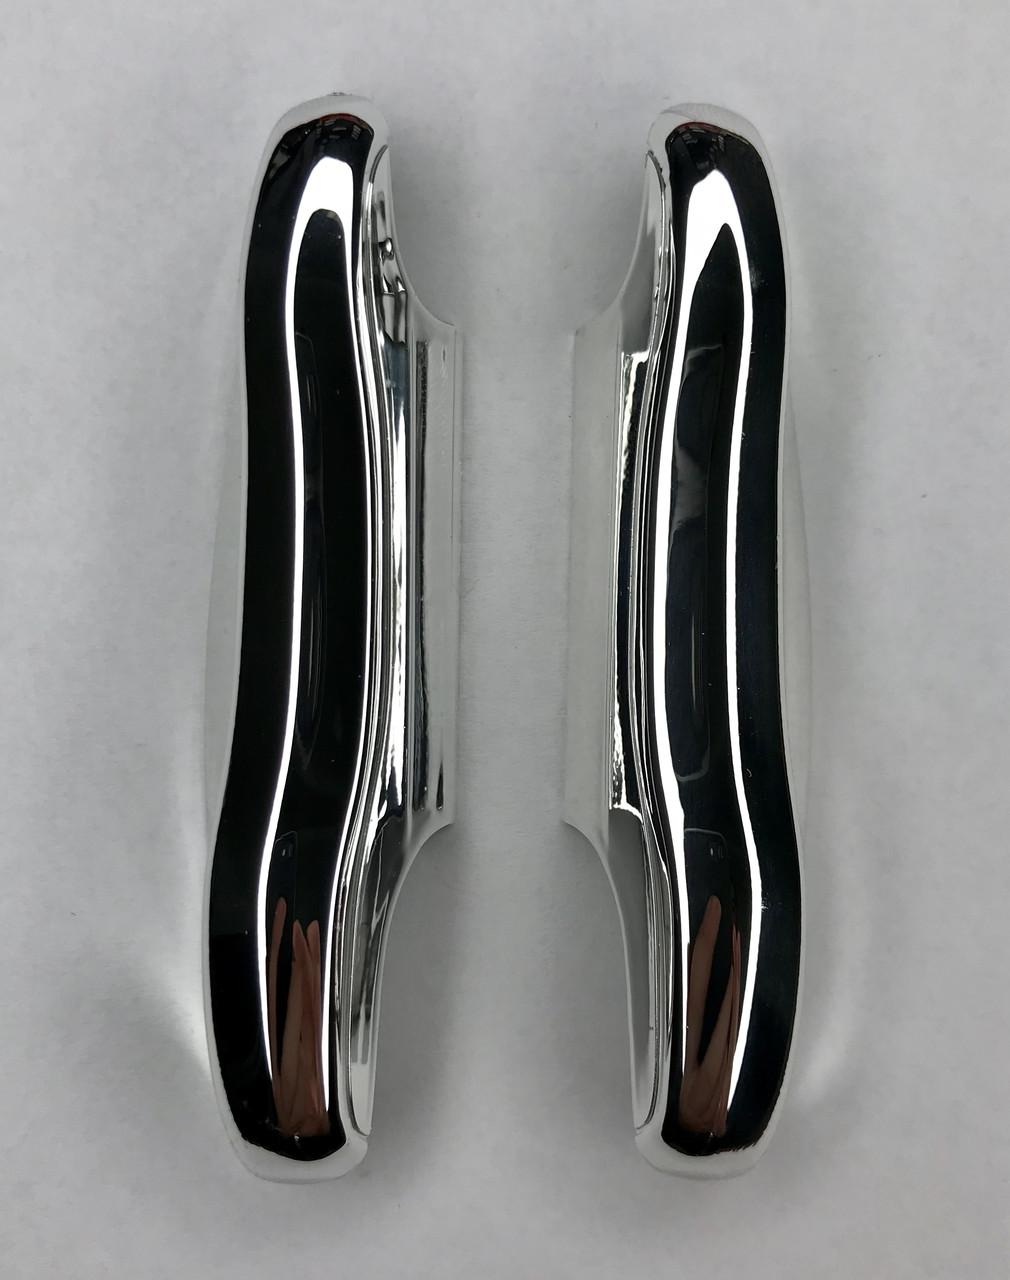 Боковая и центральная вставка для ключа Porsche Panamera Cayman Macan Cayenne Spyder Carrera 911 970 981 991